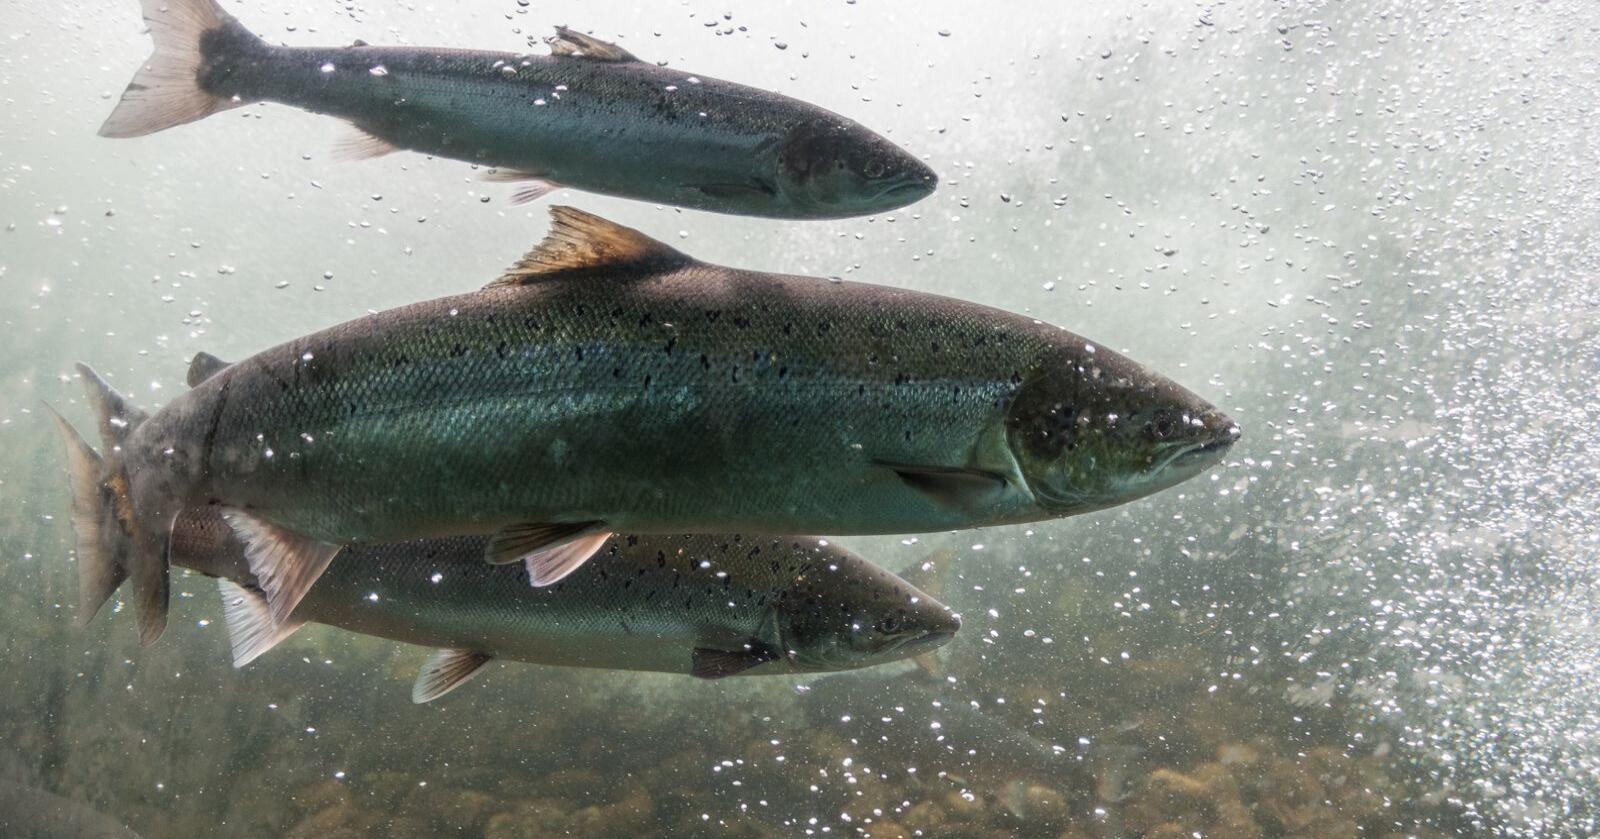 Vannmangel: Fisken som har vært i Skjoma siden isen forsvant, står nå i fare fordi det ikke renner nok vann i elven.  Foto: Mostphotos